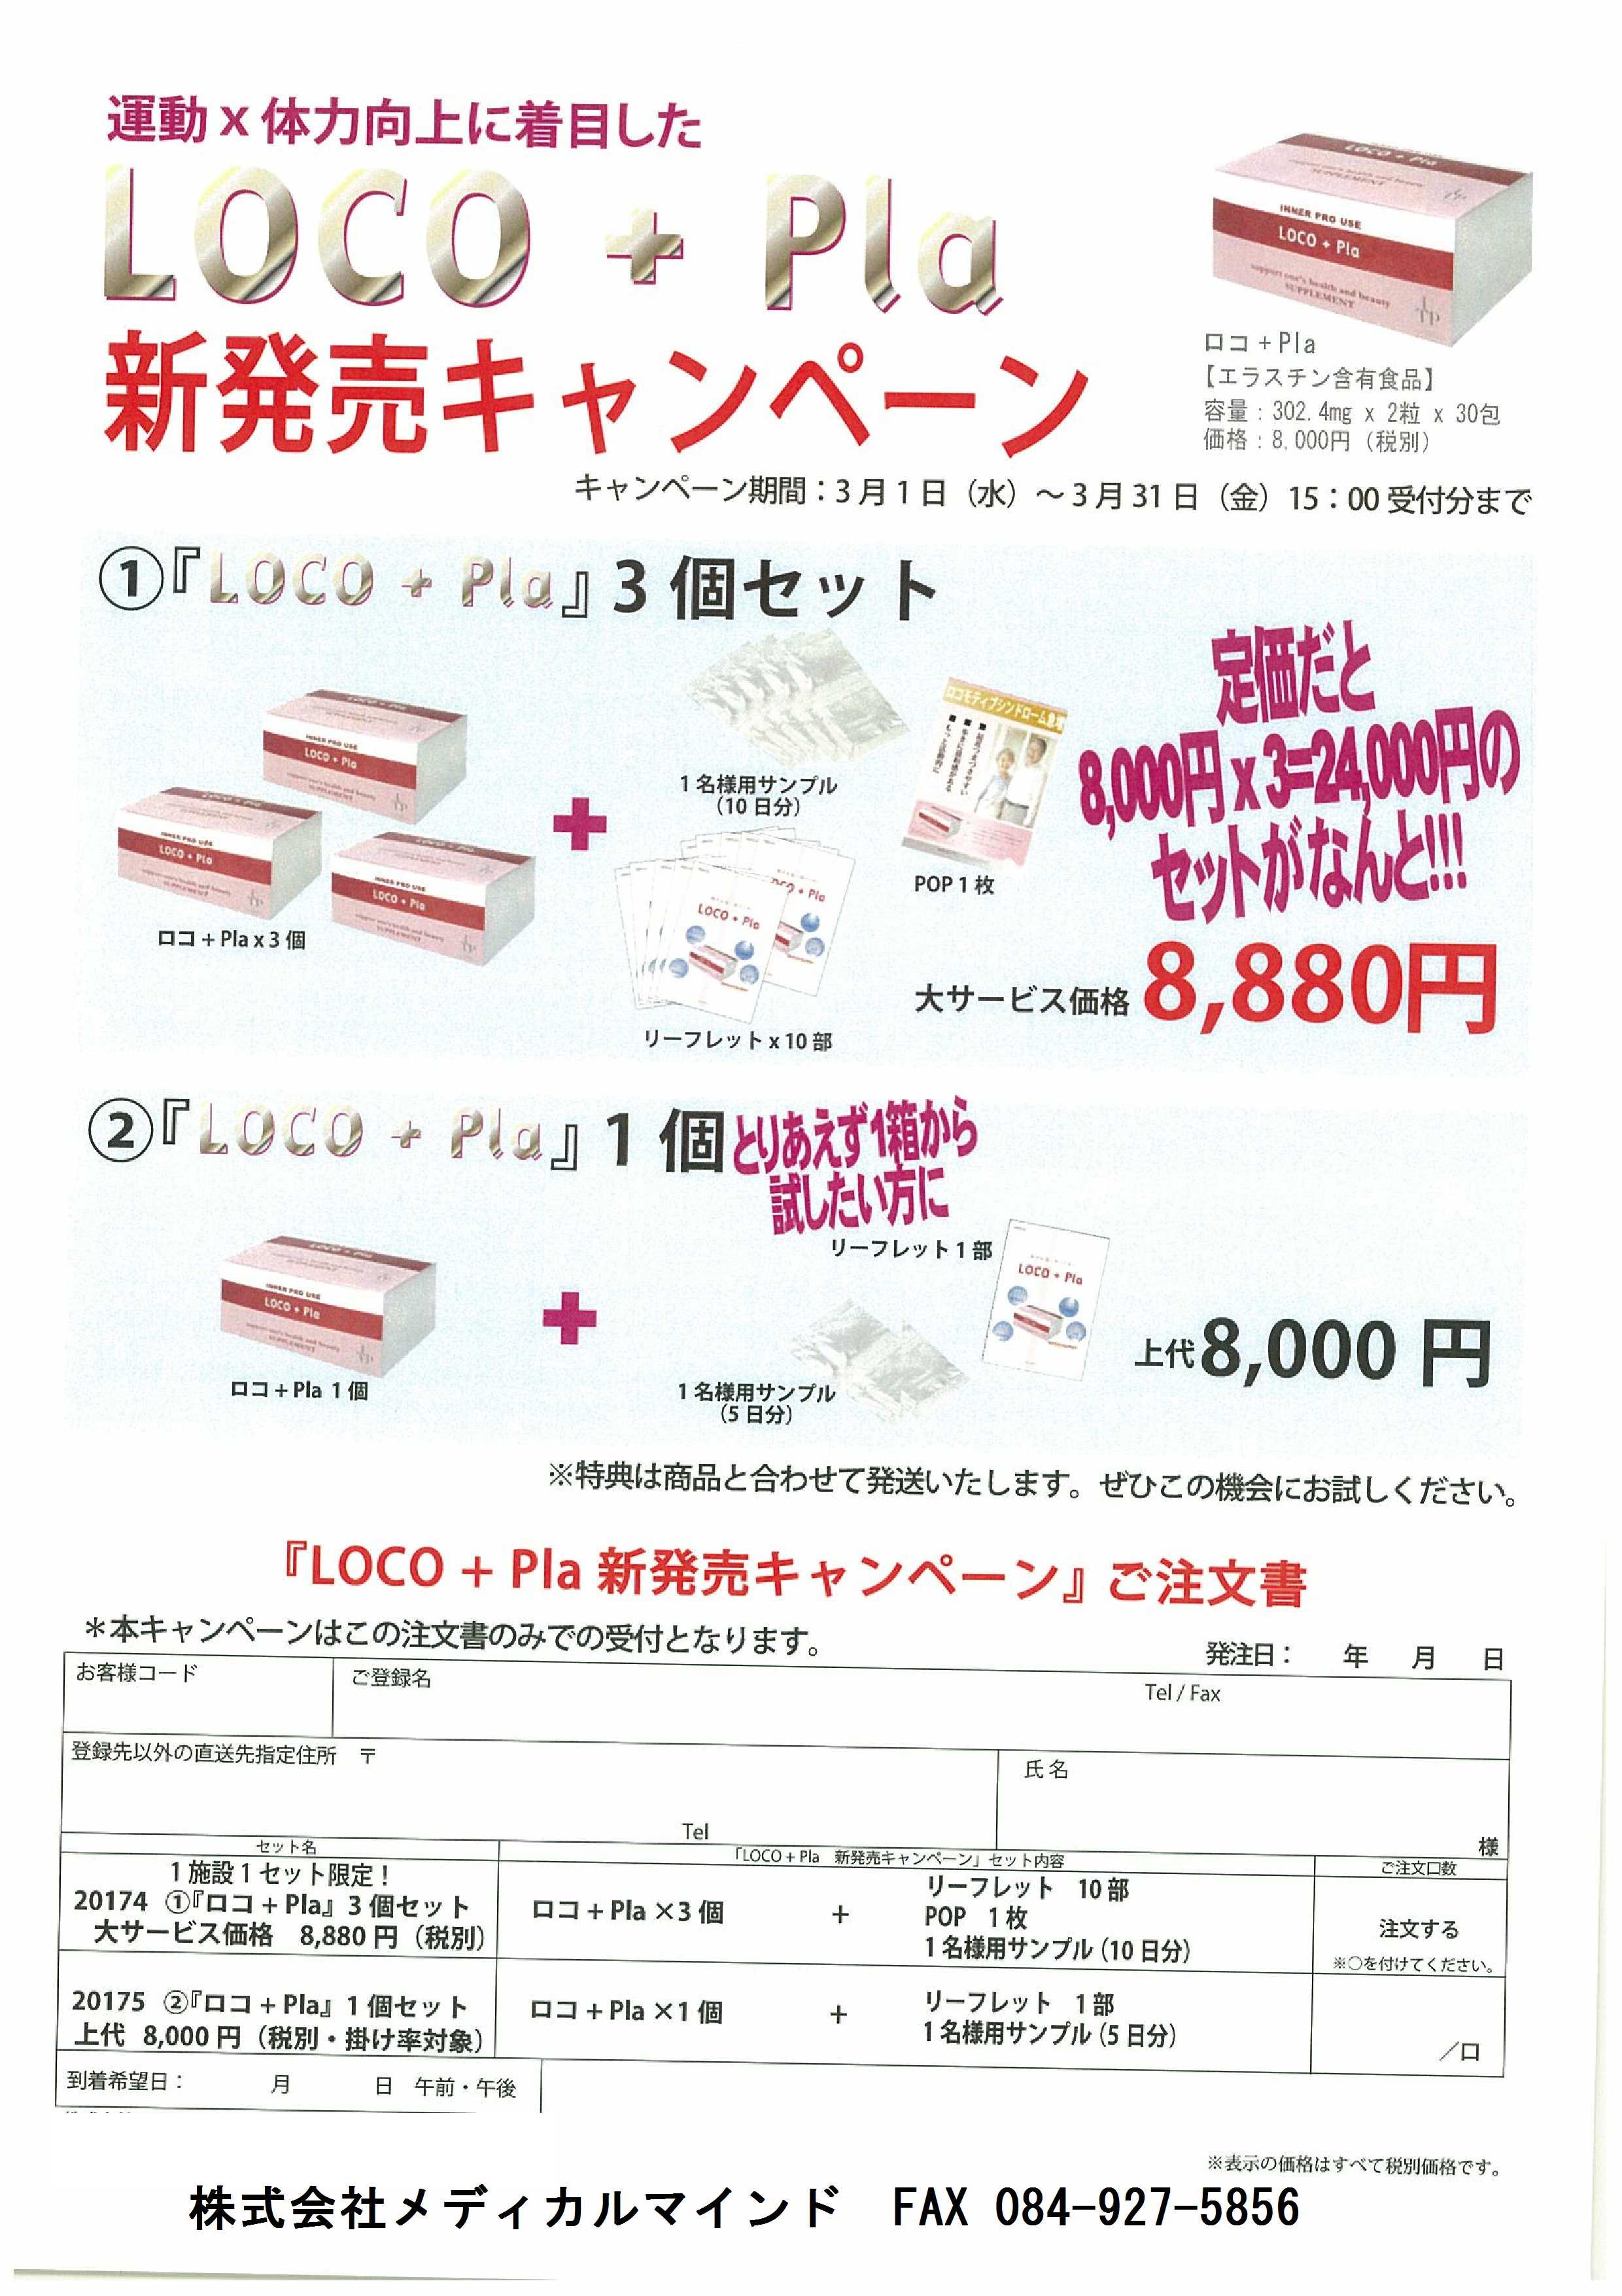 ロコプラ発売初回記念キャンペーン